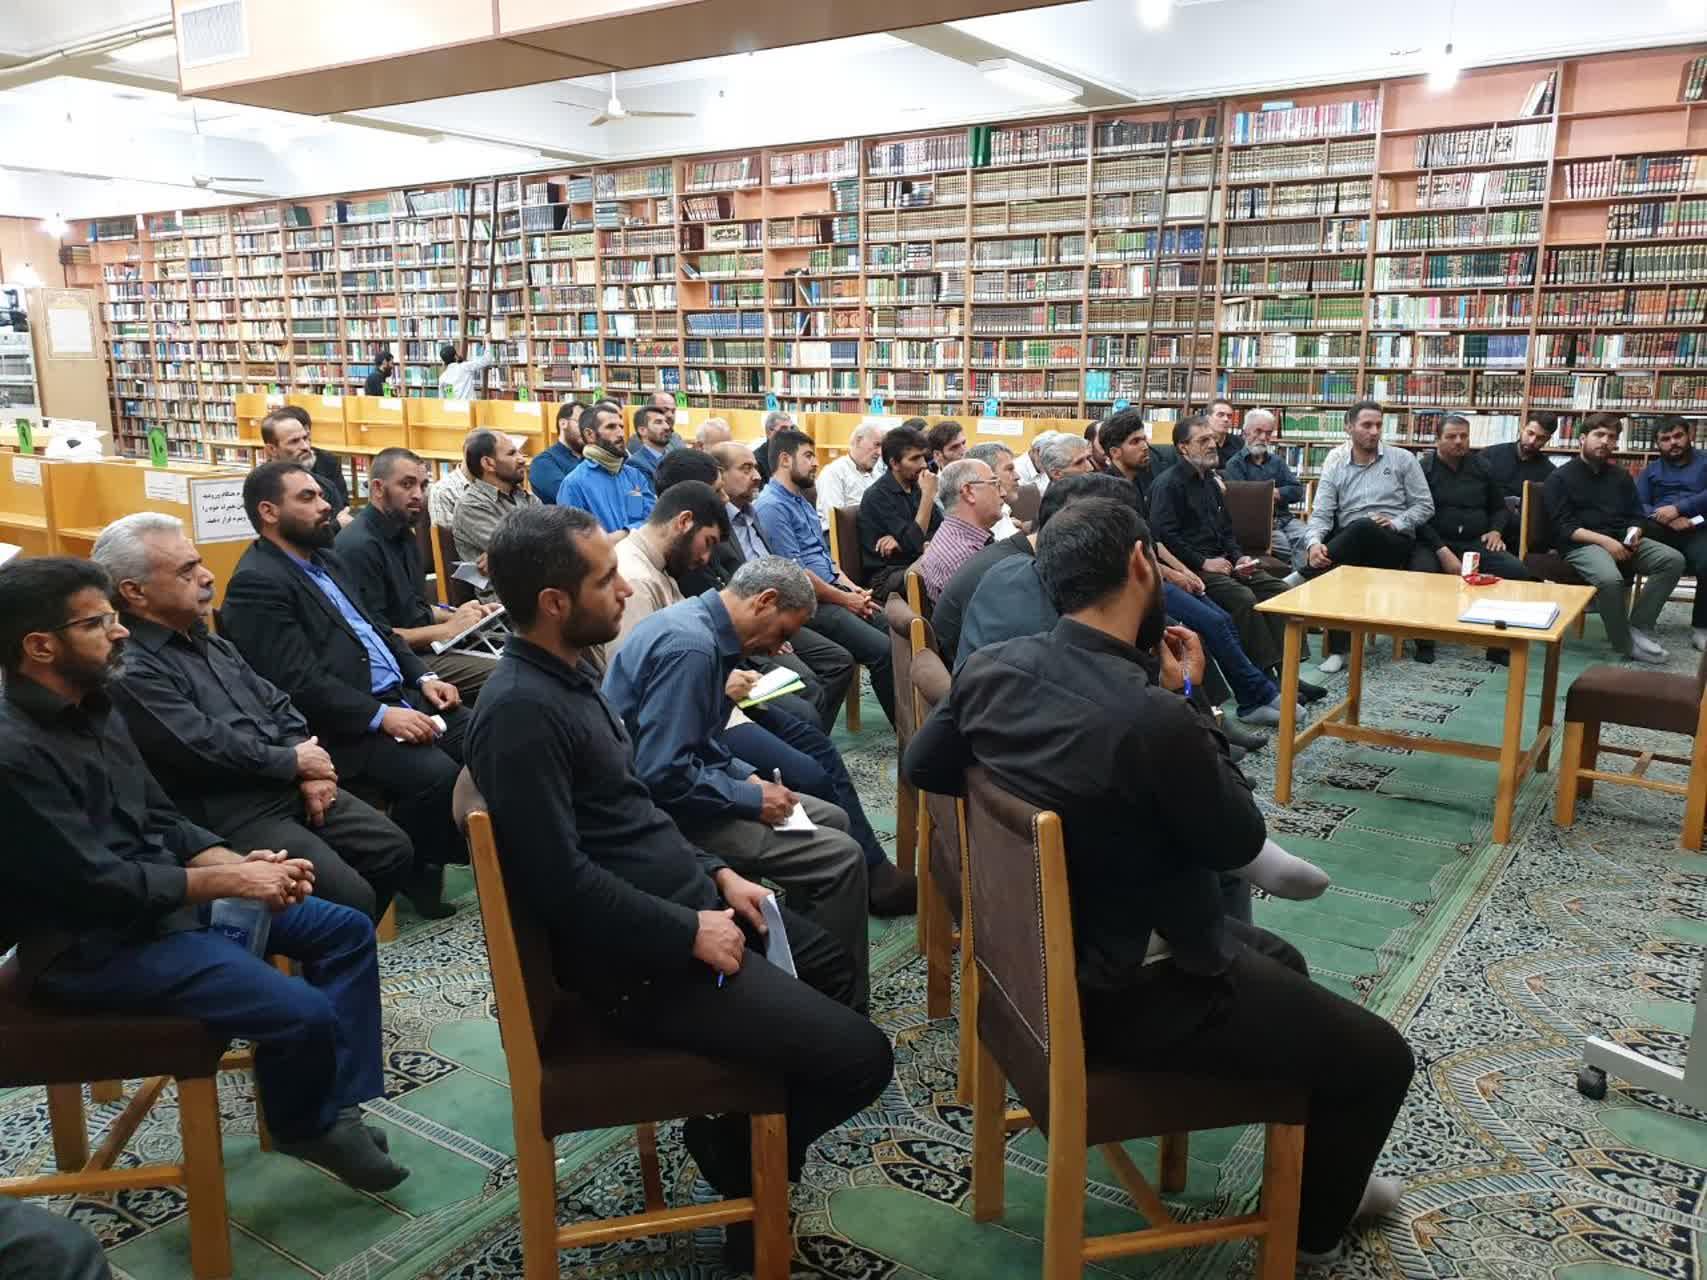 برگزاری جلسه آموزشی نیروهای نگهبانی و حراستی مدارس حوزه علمیه استان تهران